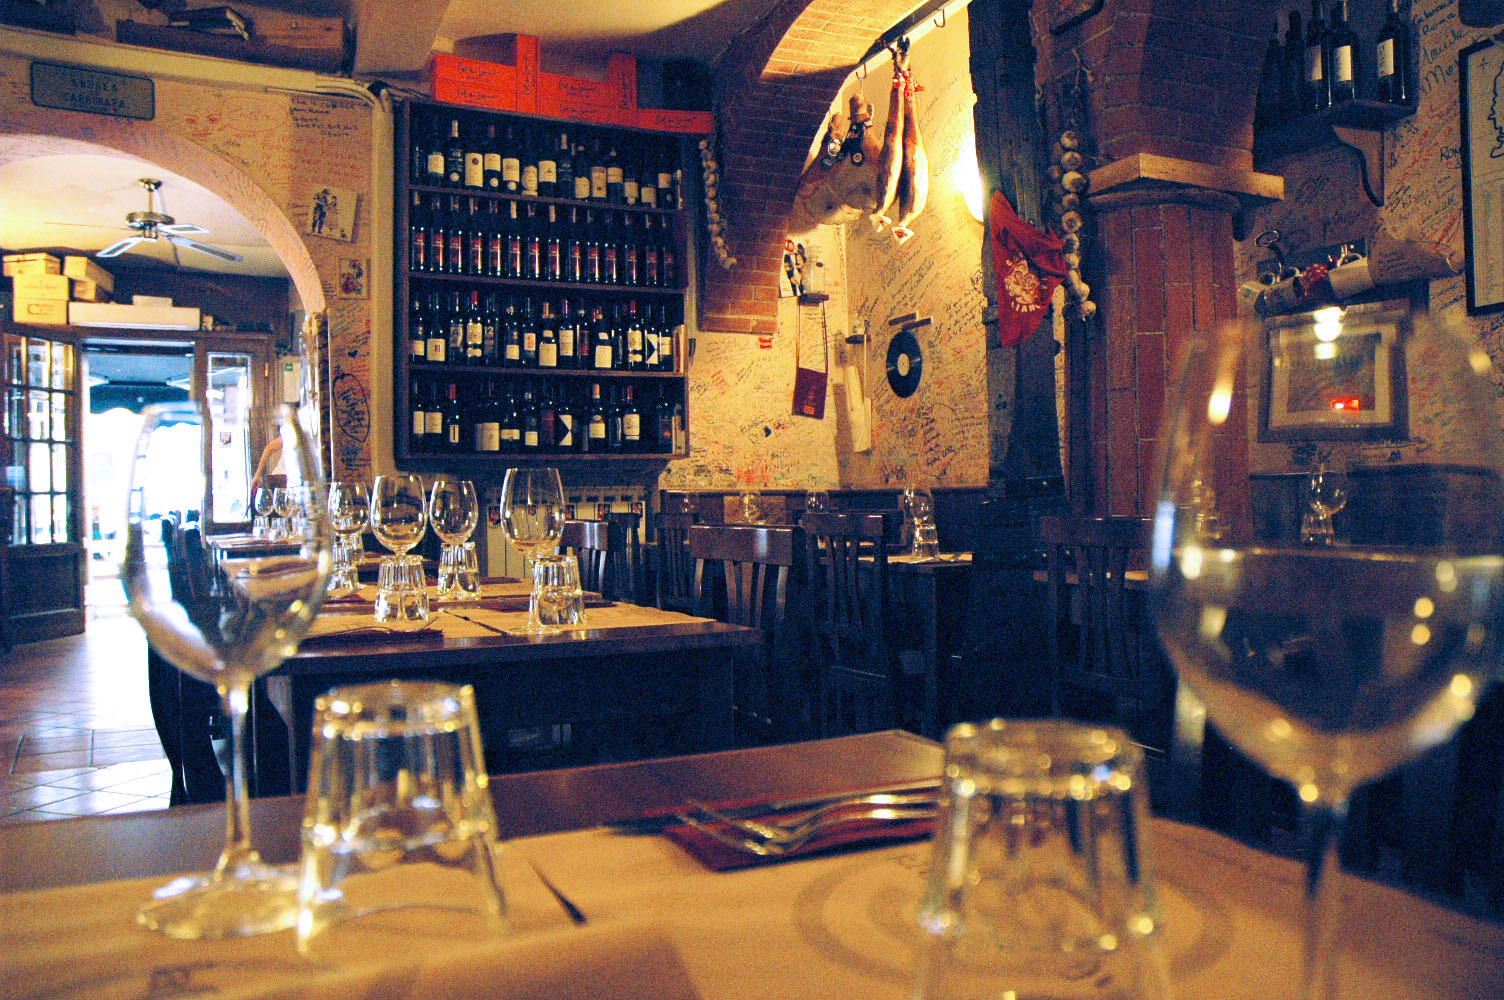 Cucina romana al centro di roma ricette popolari per le for Cucina romana